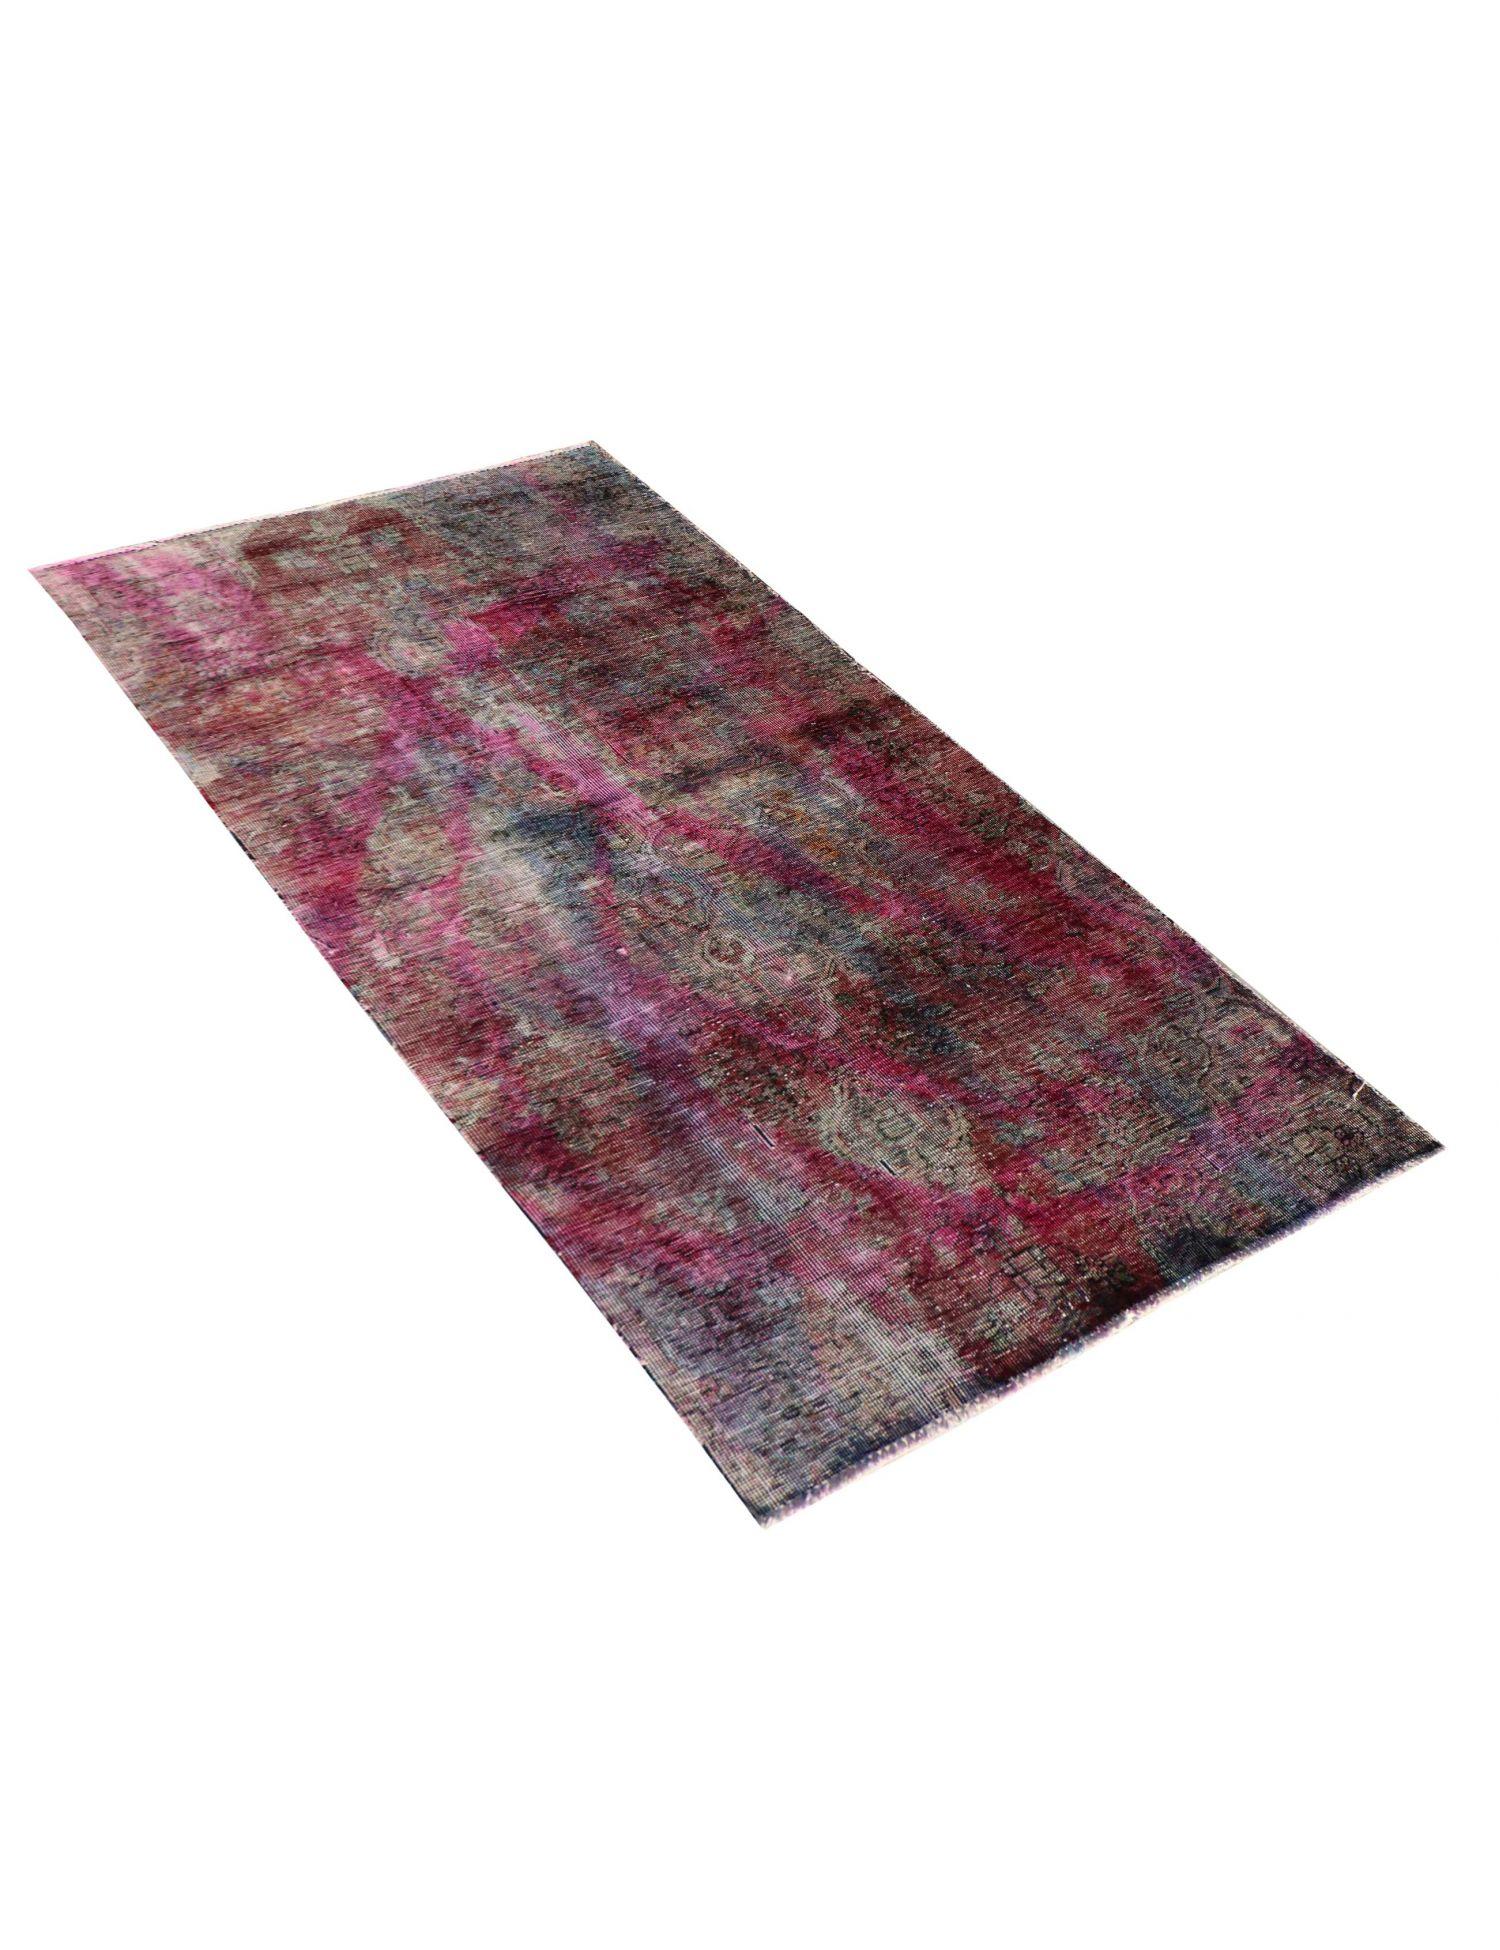 Vintage Perserteppich  mehrfarbig <br/>205 x 110 cm